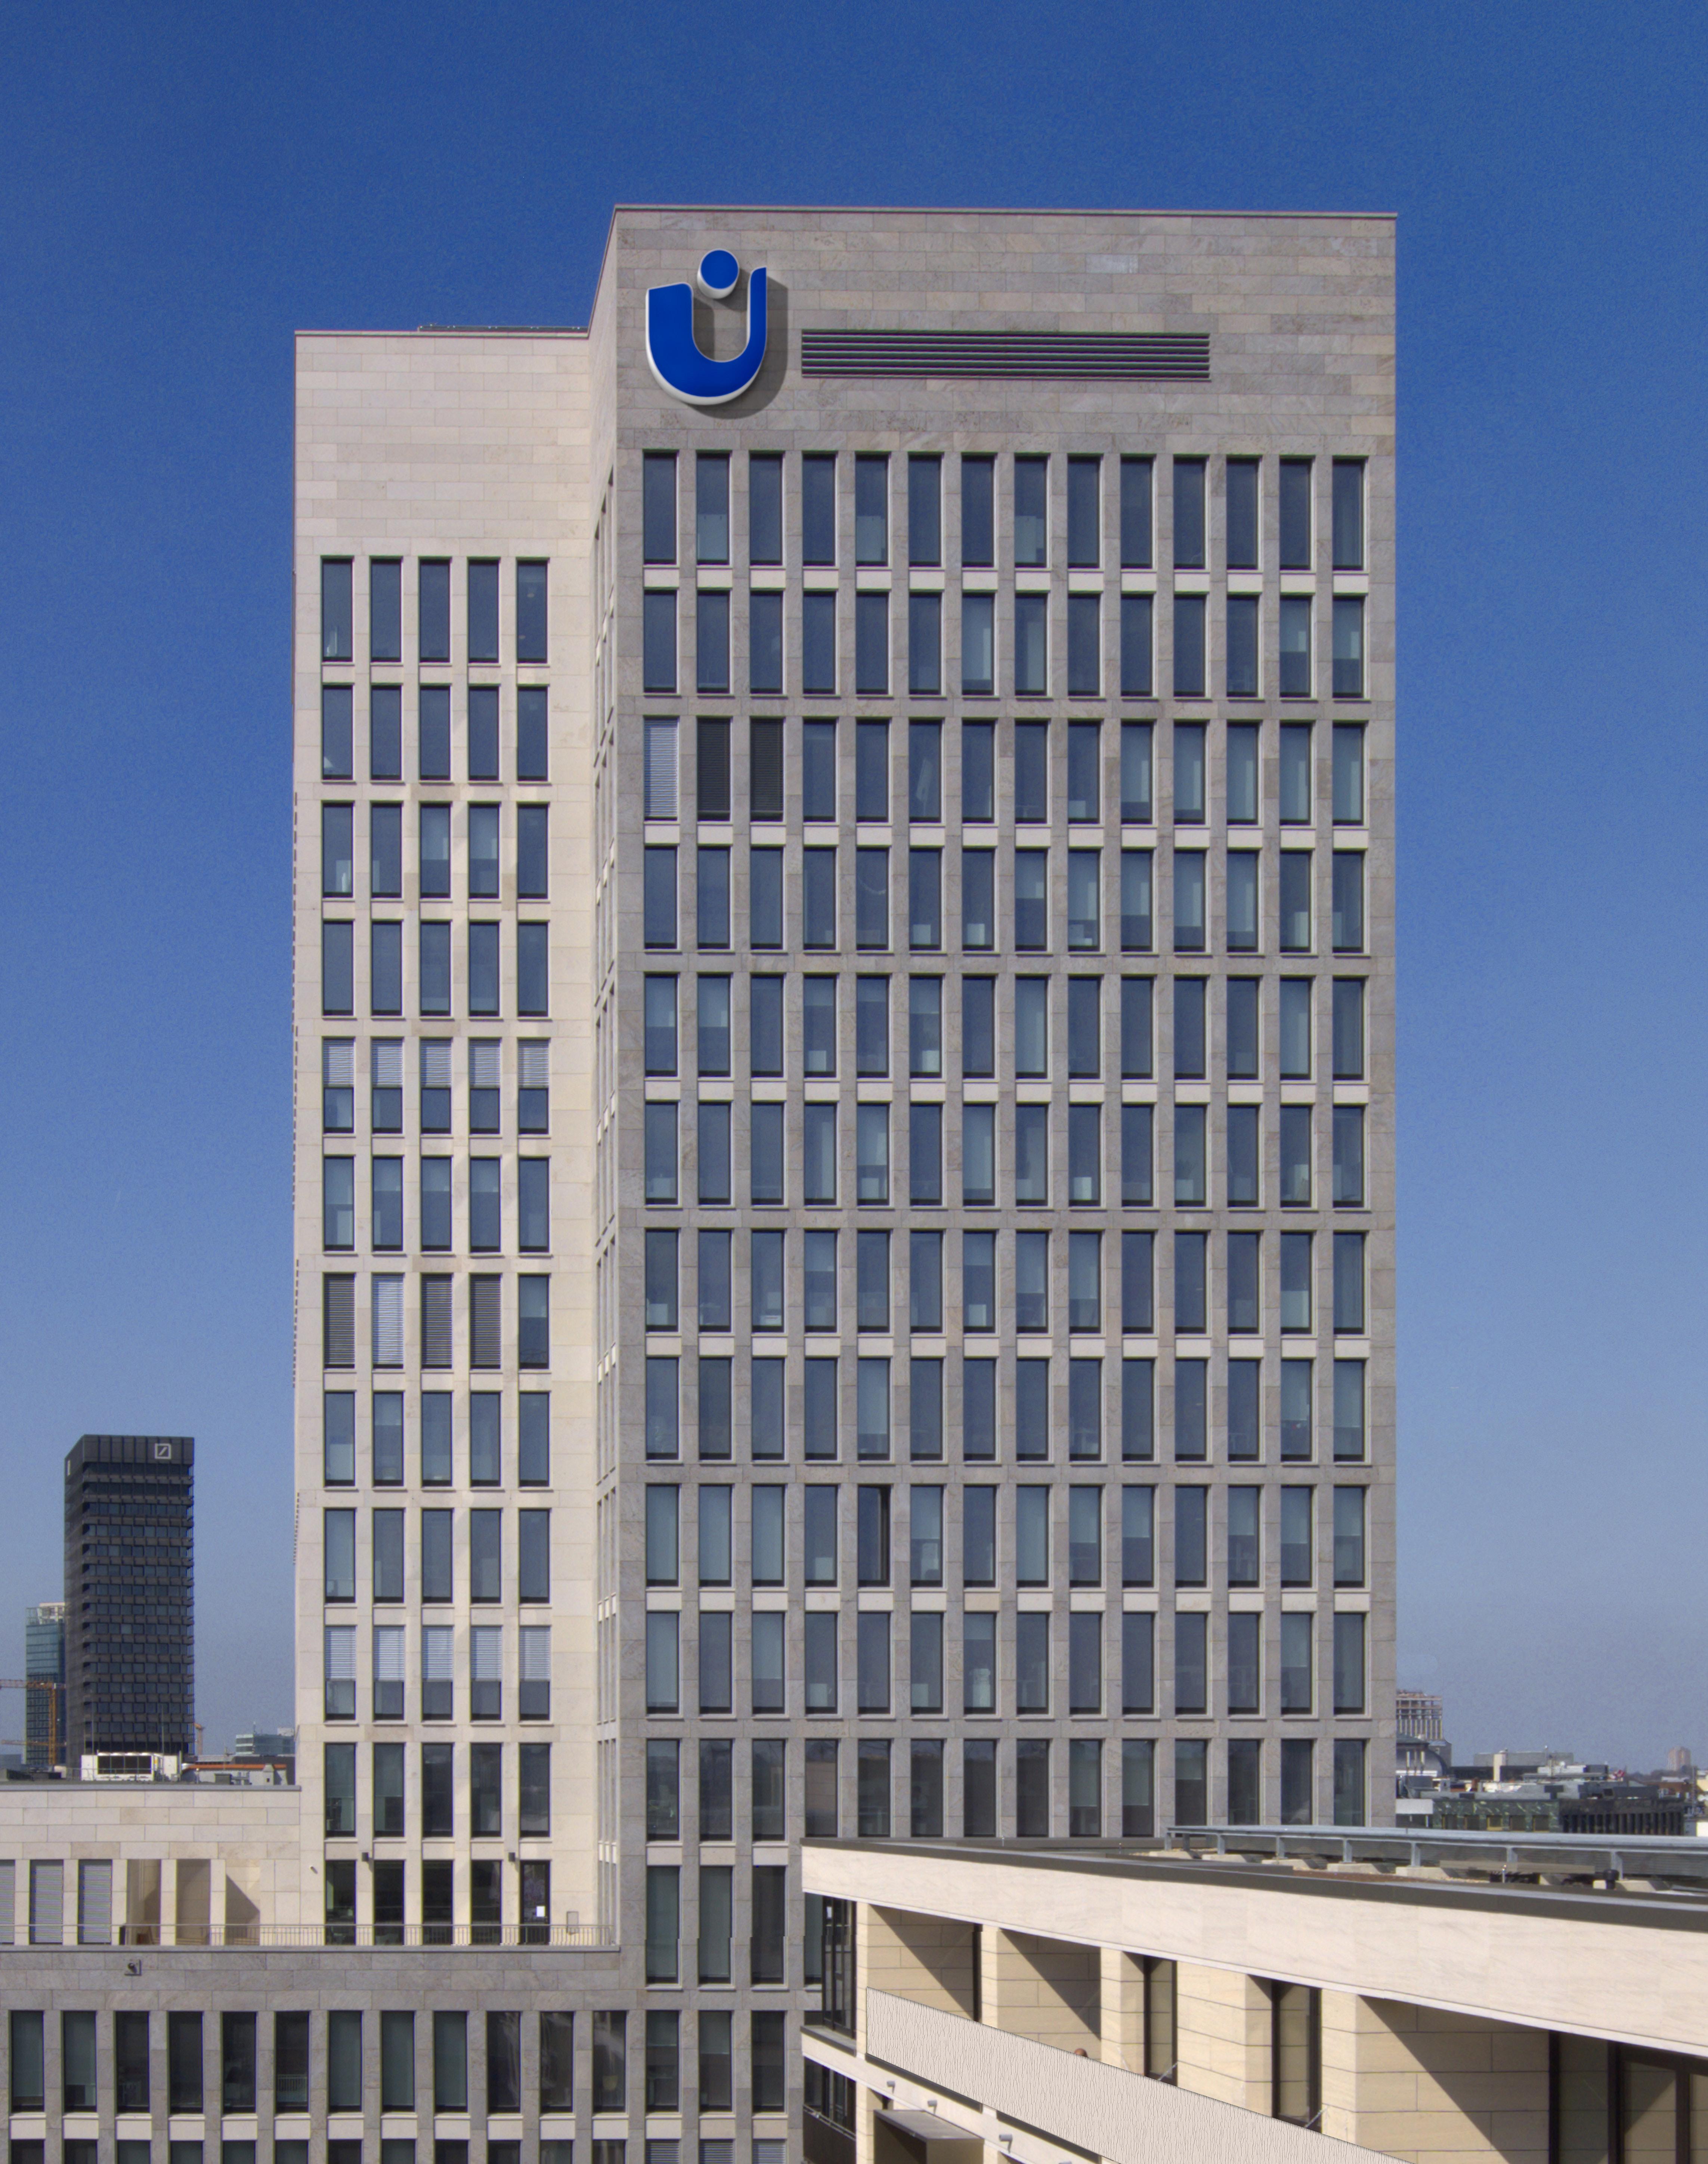 Union investment gmbh frankfurt he pmb investment kuching borneo